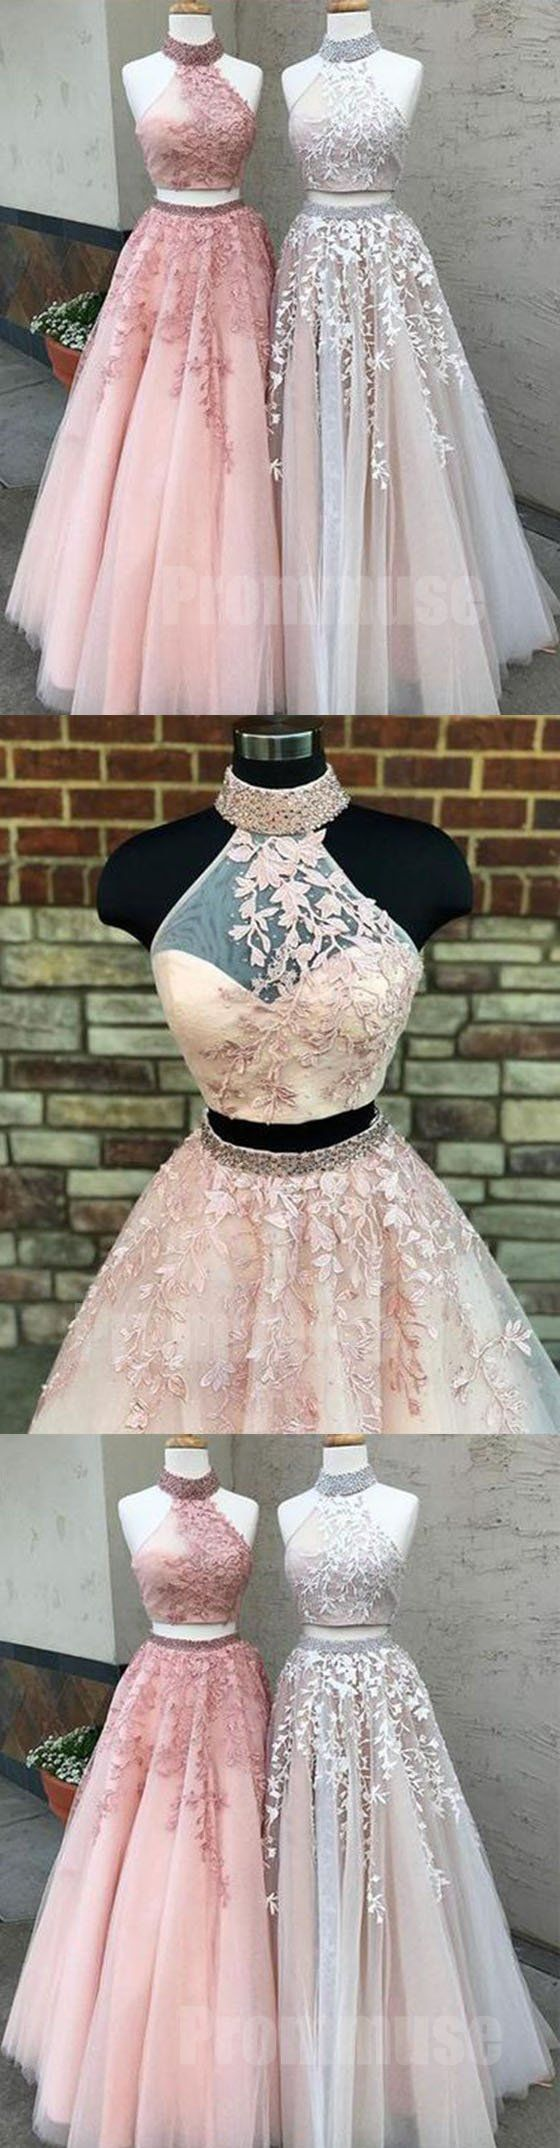 Zwei Stücke Halfter Tüll Applique Abend lange Ballkleider, PM1003 Dieses Kleid ist